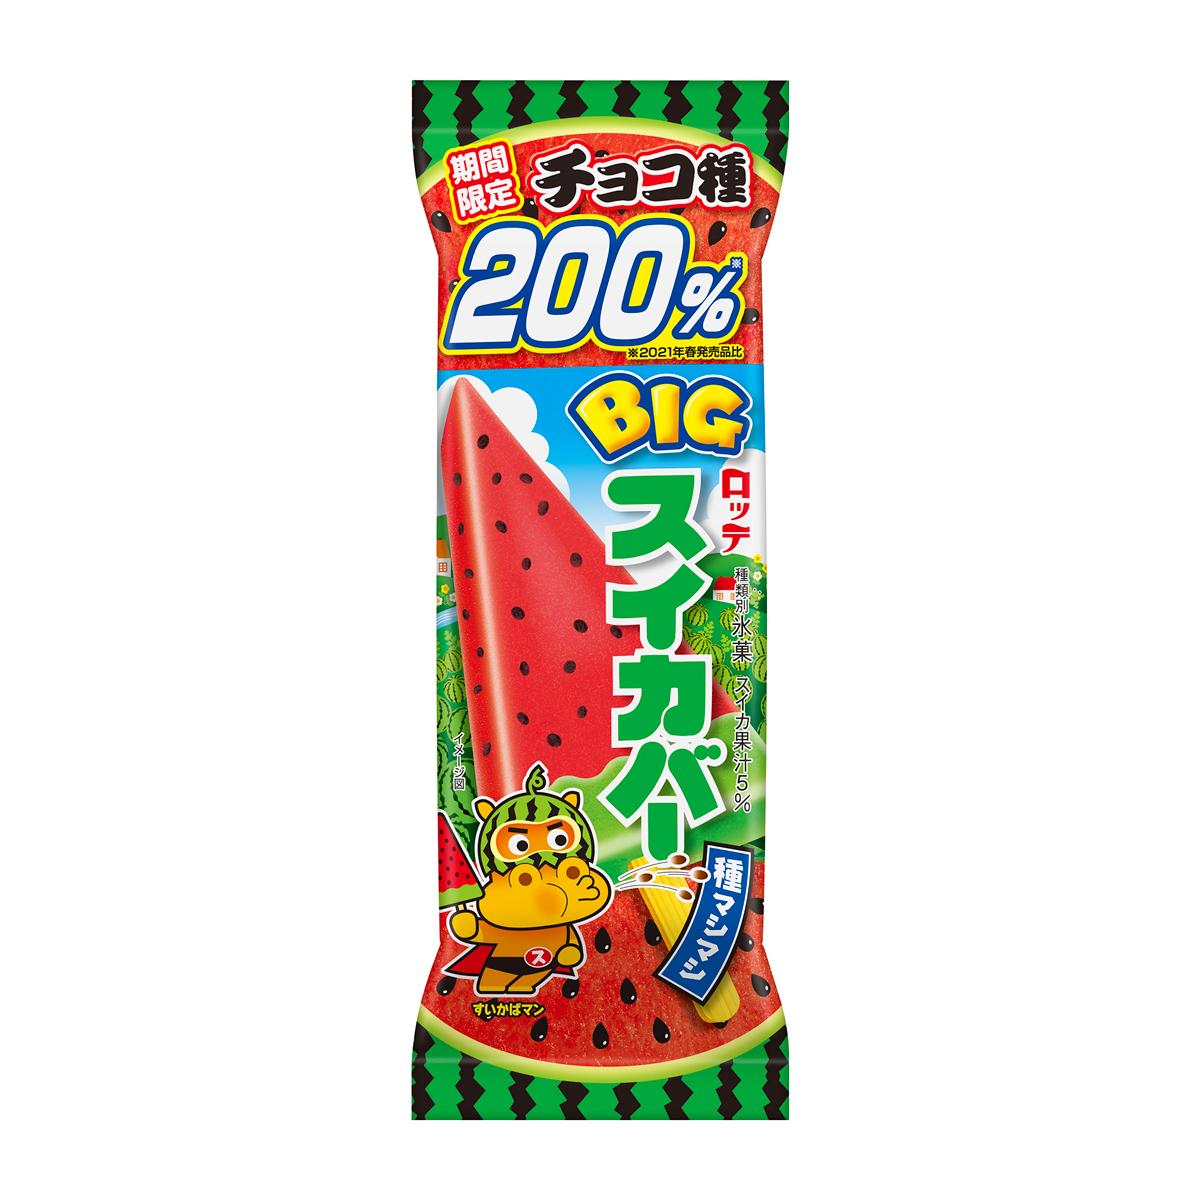 種マシマシ!夏の定番「BIGスイカバー(チョコ種200%)」コンビニ限定発売